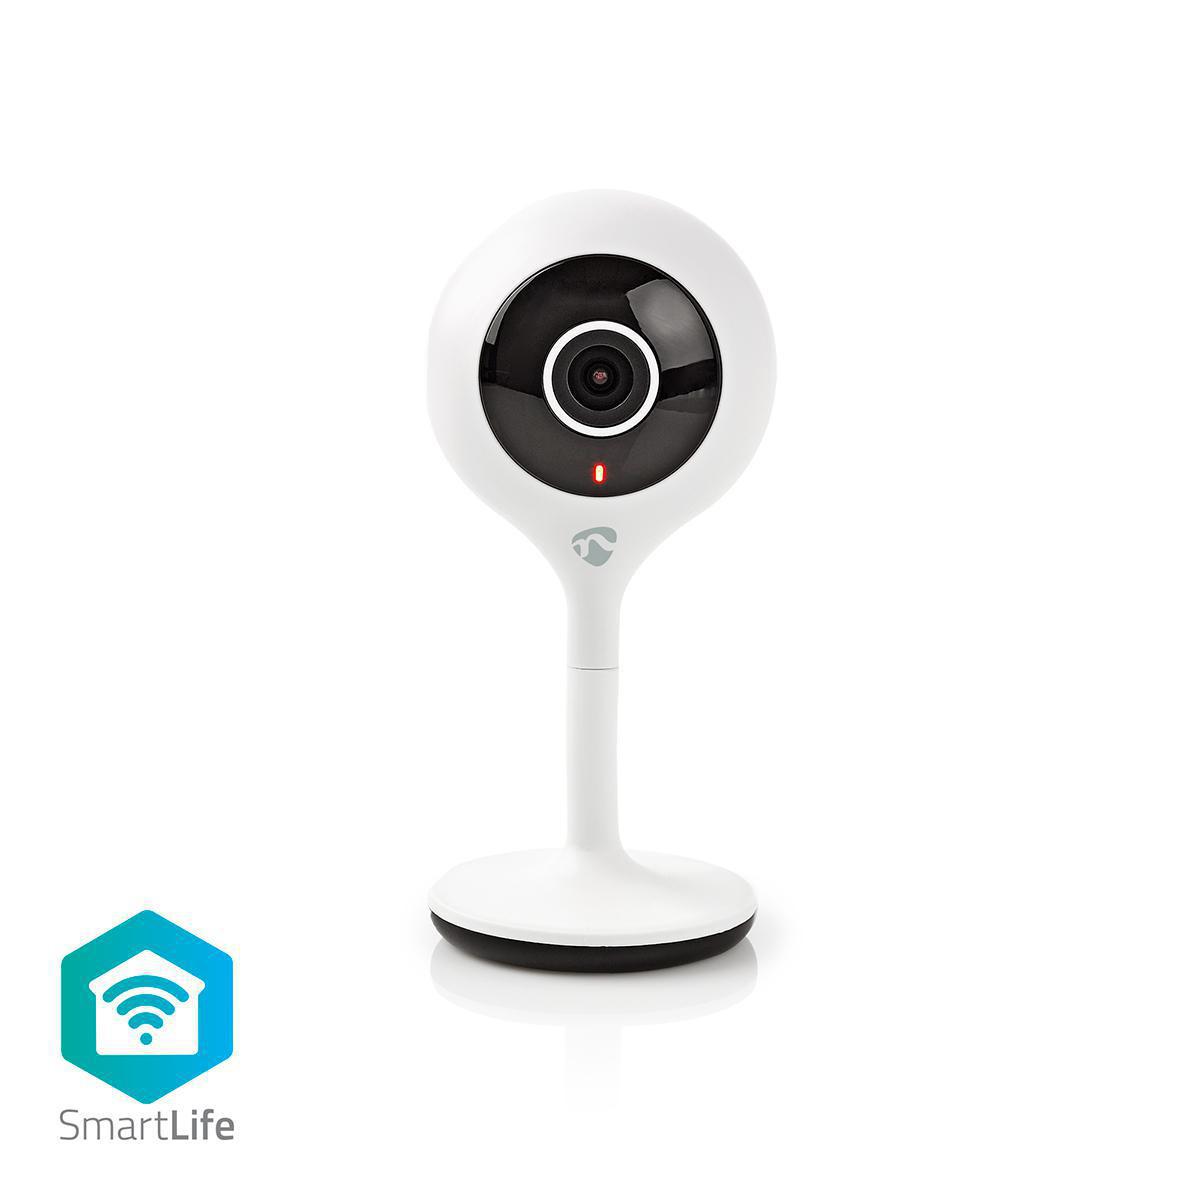 Questa telecamera IP SmartHome è un'aggiunta essenziale a qualsiasi sistema di casa intelligente, ti collega direttamente alla tua rete Wi-Fi - non è necessario alcun hub aggiuntivo - ed è attivata da ogni movimento e ogni suono nella stanza.